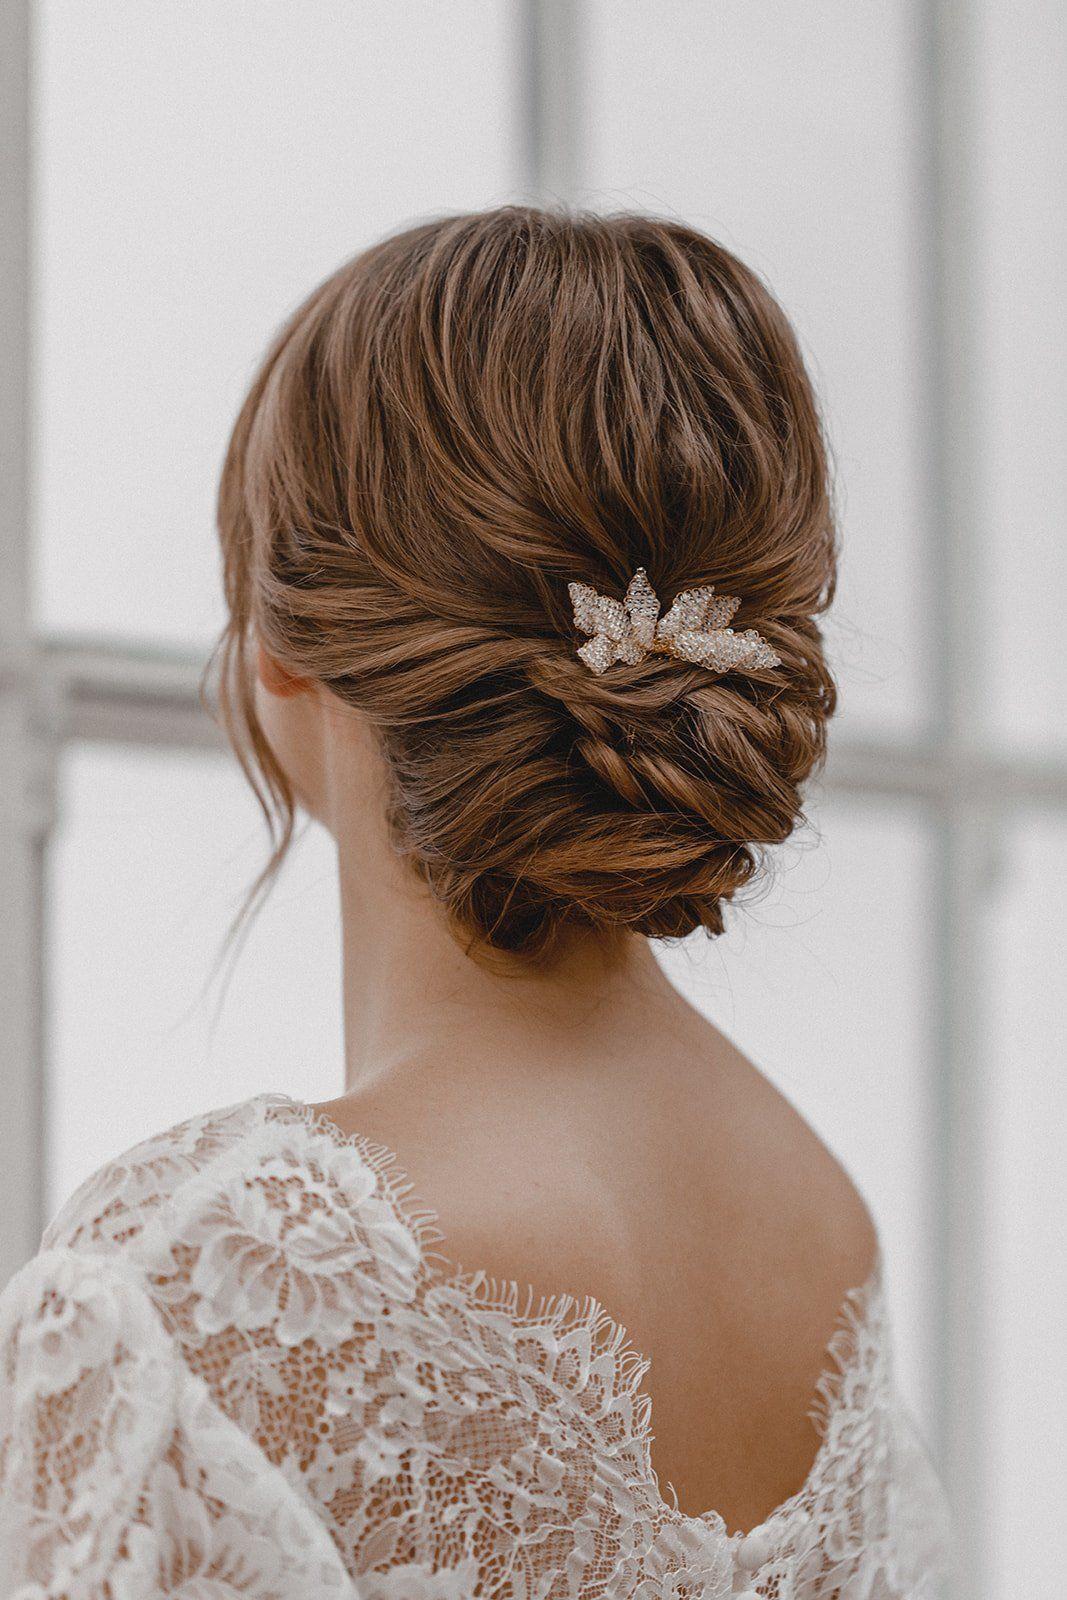 Moderner Brautschmuck Juvelan Kollektion Modern Bride 2019 Fraulein K Sagt Ja Hochzeitsblog Hochzeitsfrisuren Hochzeitsfrisuren Haarschmuck Haarschmuck Hochzeit